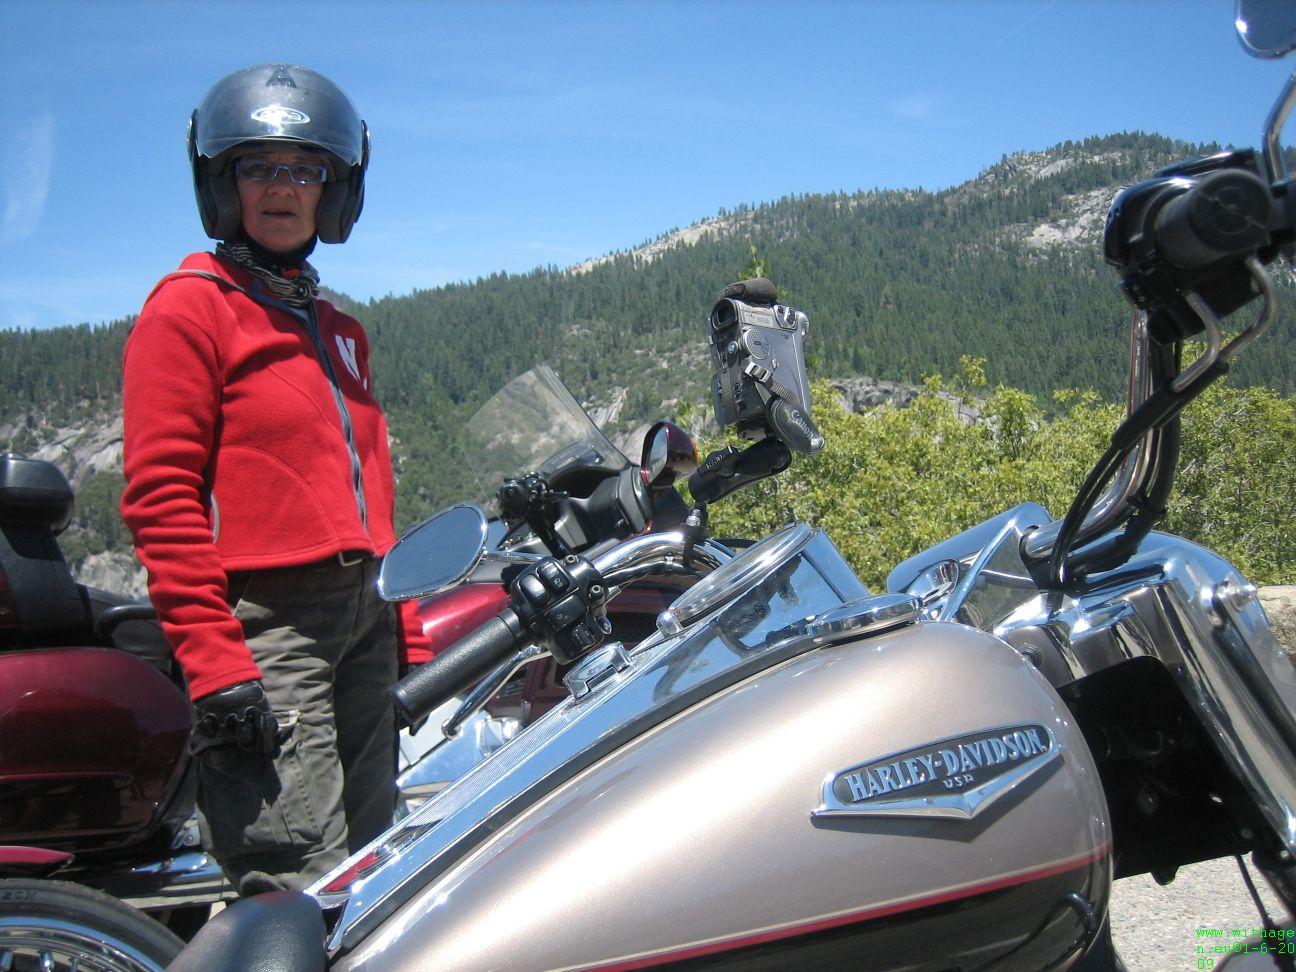 aankomst bij Yosemite National Park